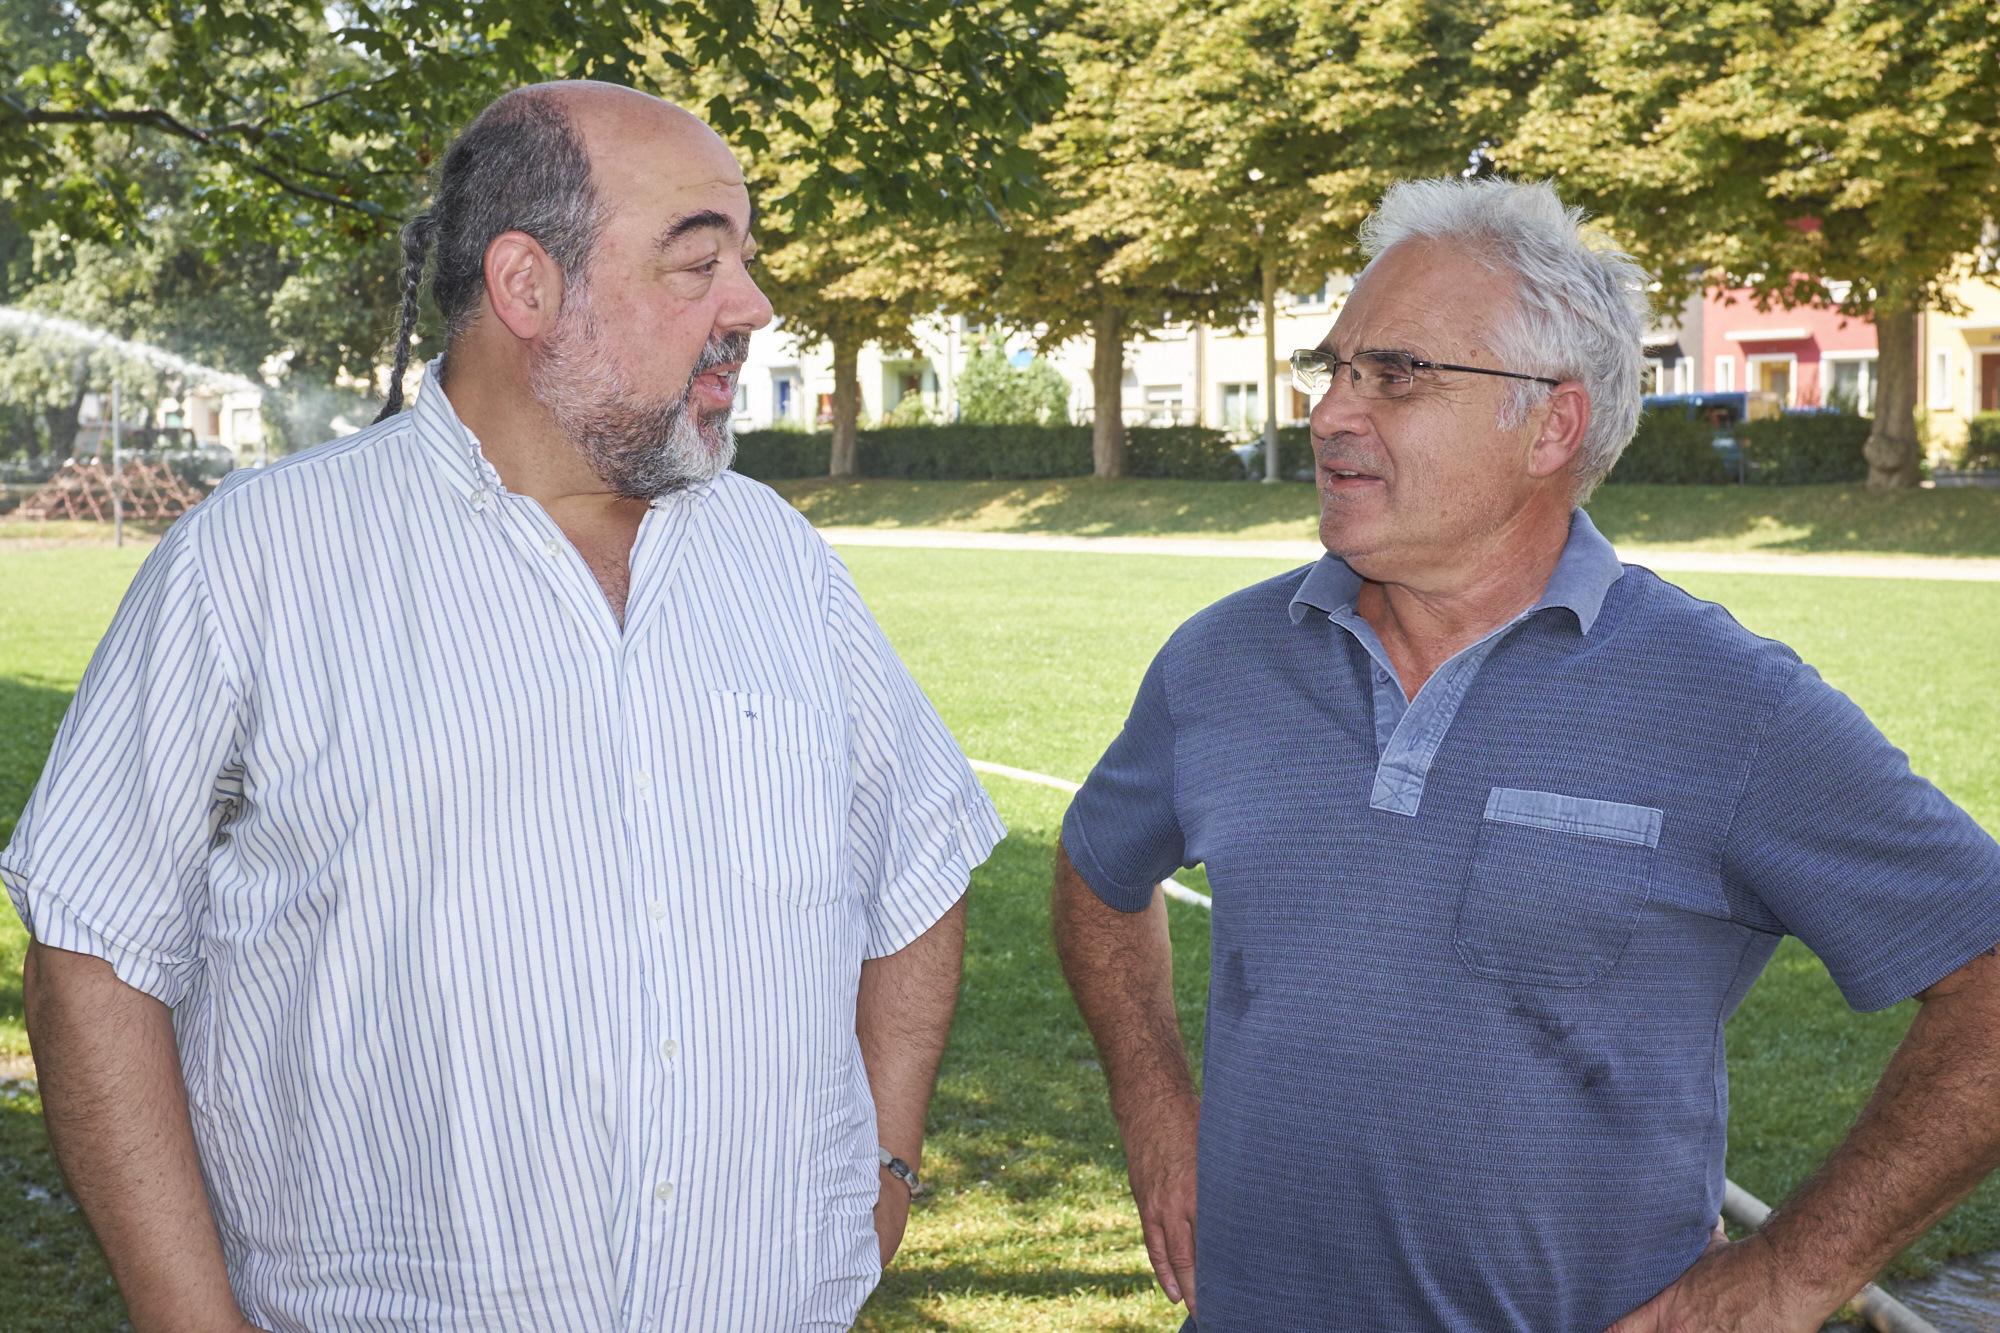 Wollen lieber nicht, dass sich hier viel ändert: Philip Karger und Renato Hiltmann sammeln Unterschriften gegen die Umgestaltung des Steinbühlmätteli.